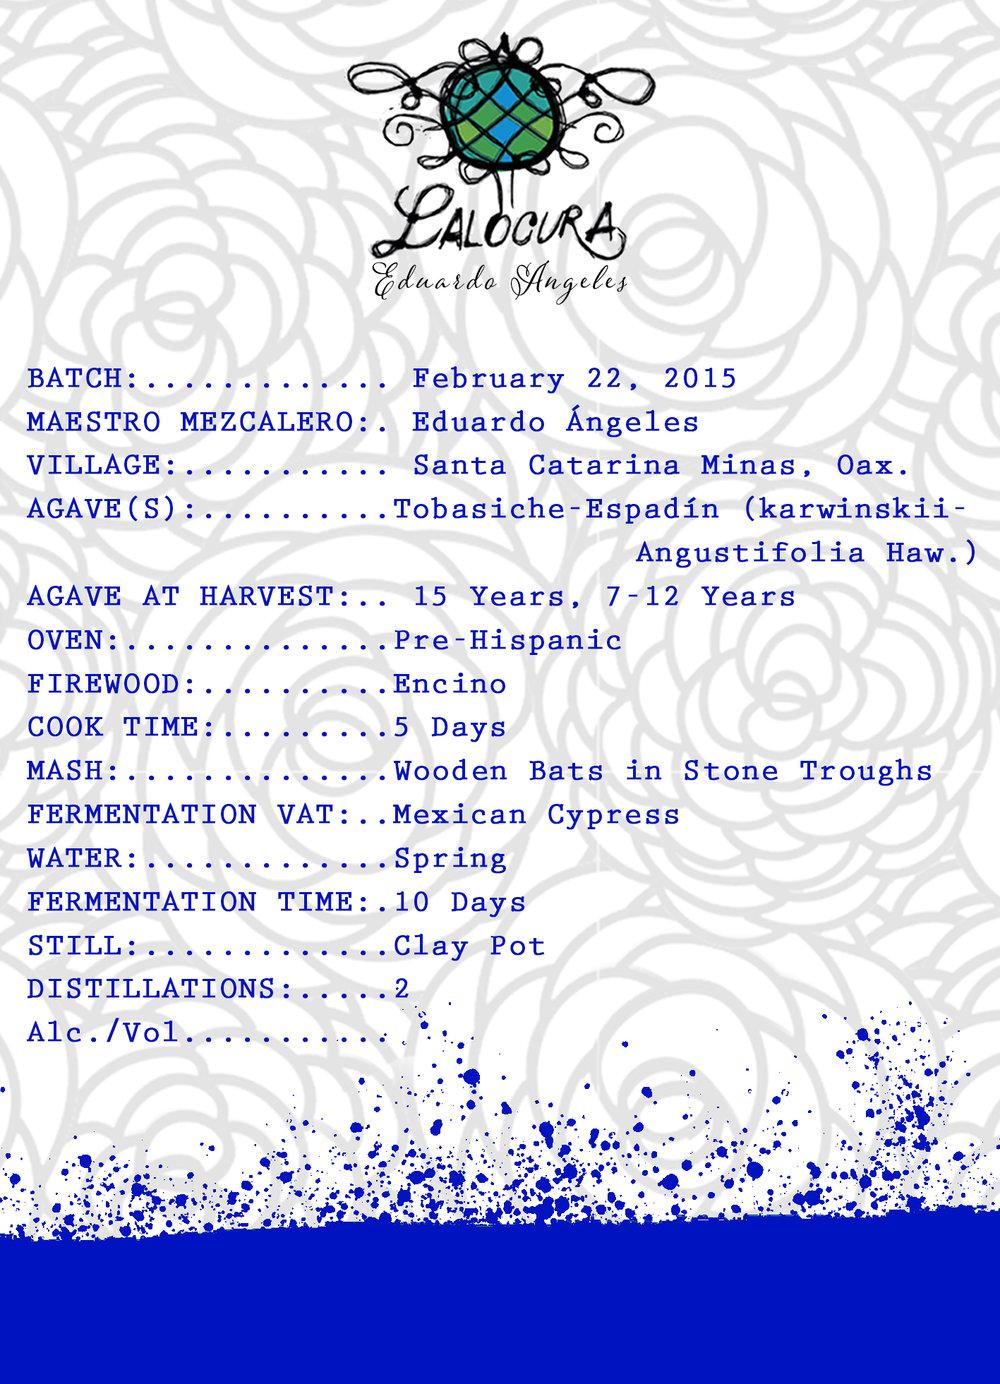 Lalo Tobasiche-Espadin stats.jpg